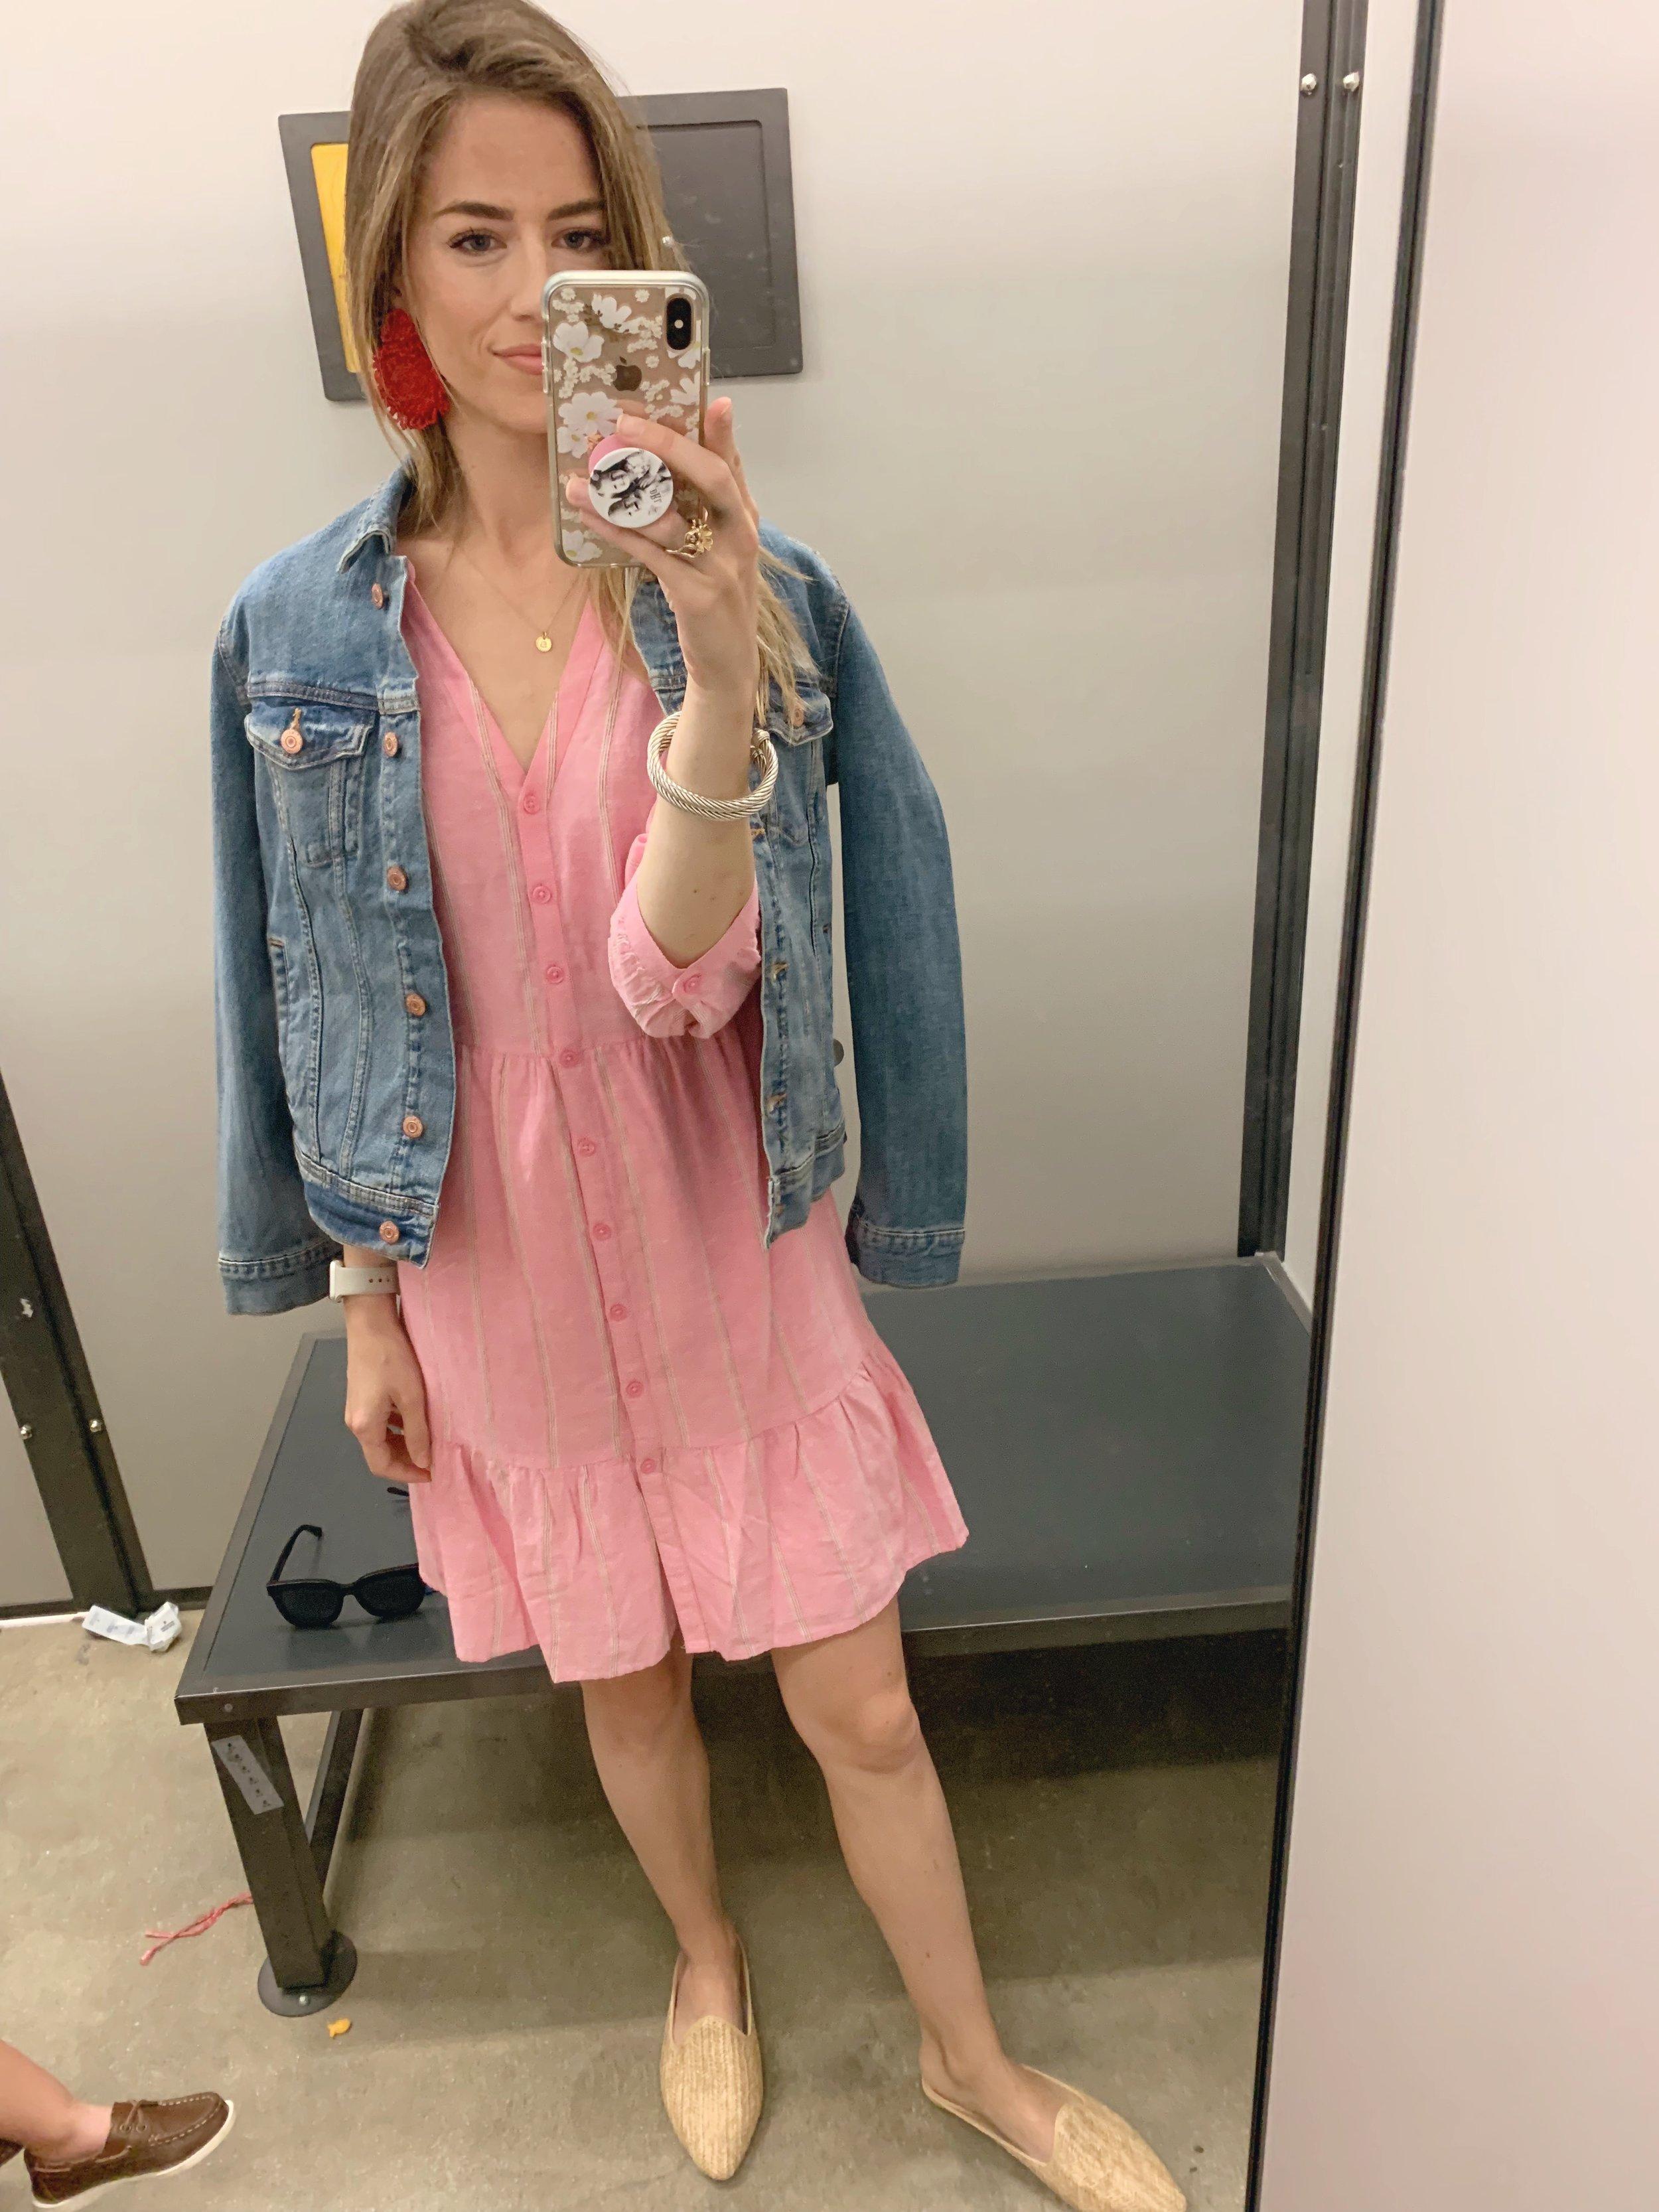 Dress  //  Jacket  //  Shoes  //  Earrings